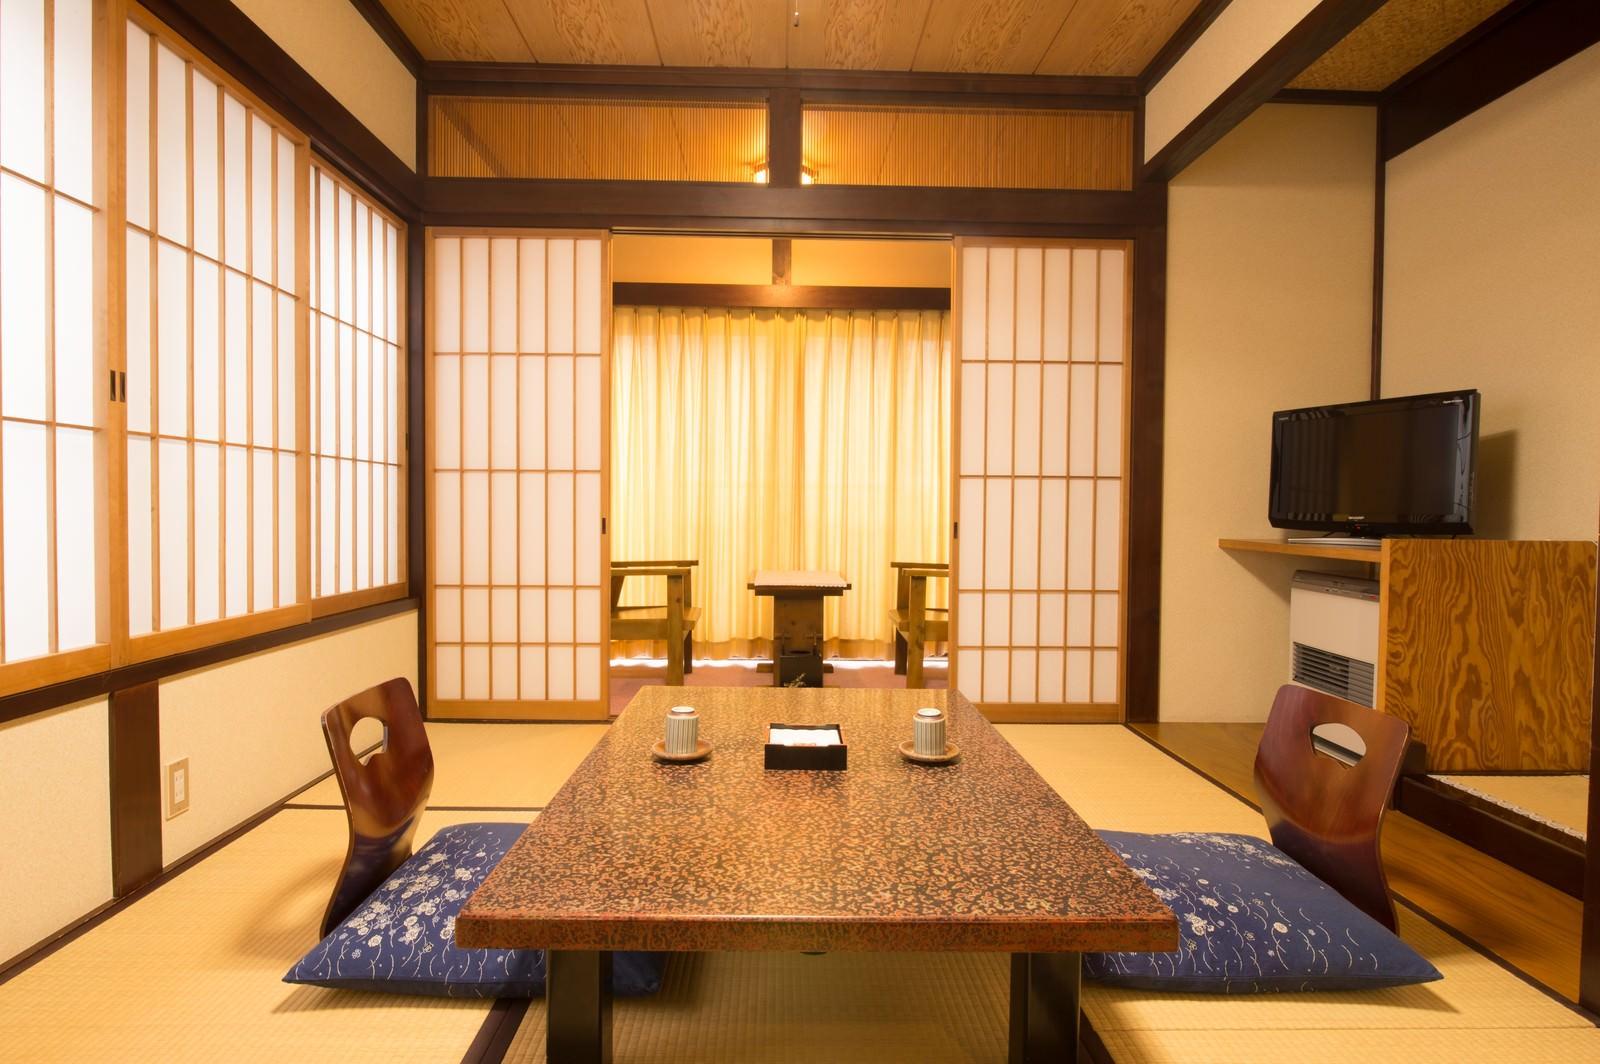 「落ち着いた佇まいの和室の客室(お宿栄太郎)」の写真